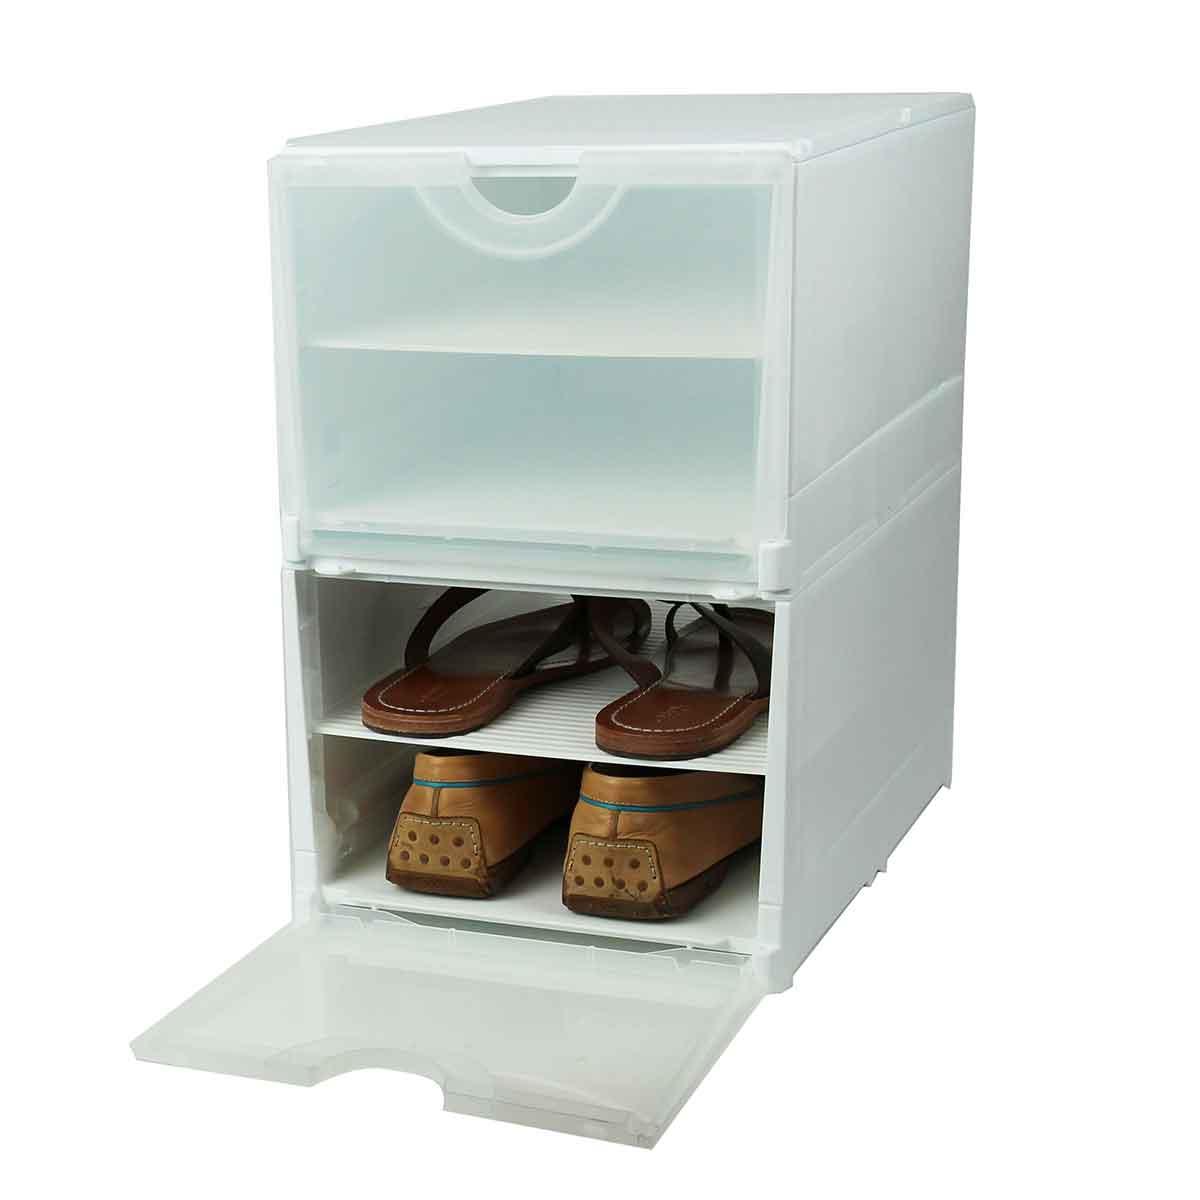 vente chaude en ligne 47416 d419c Rangement chaussures - boîtes, étagères - ON RANGE TOUT